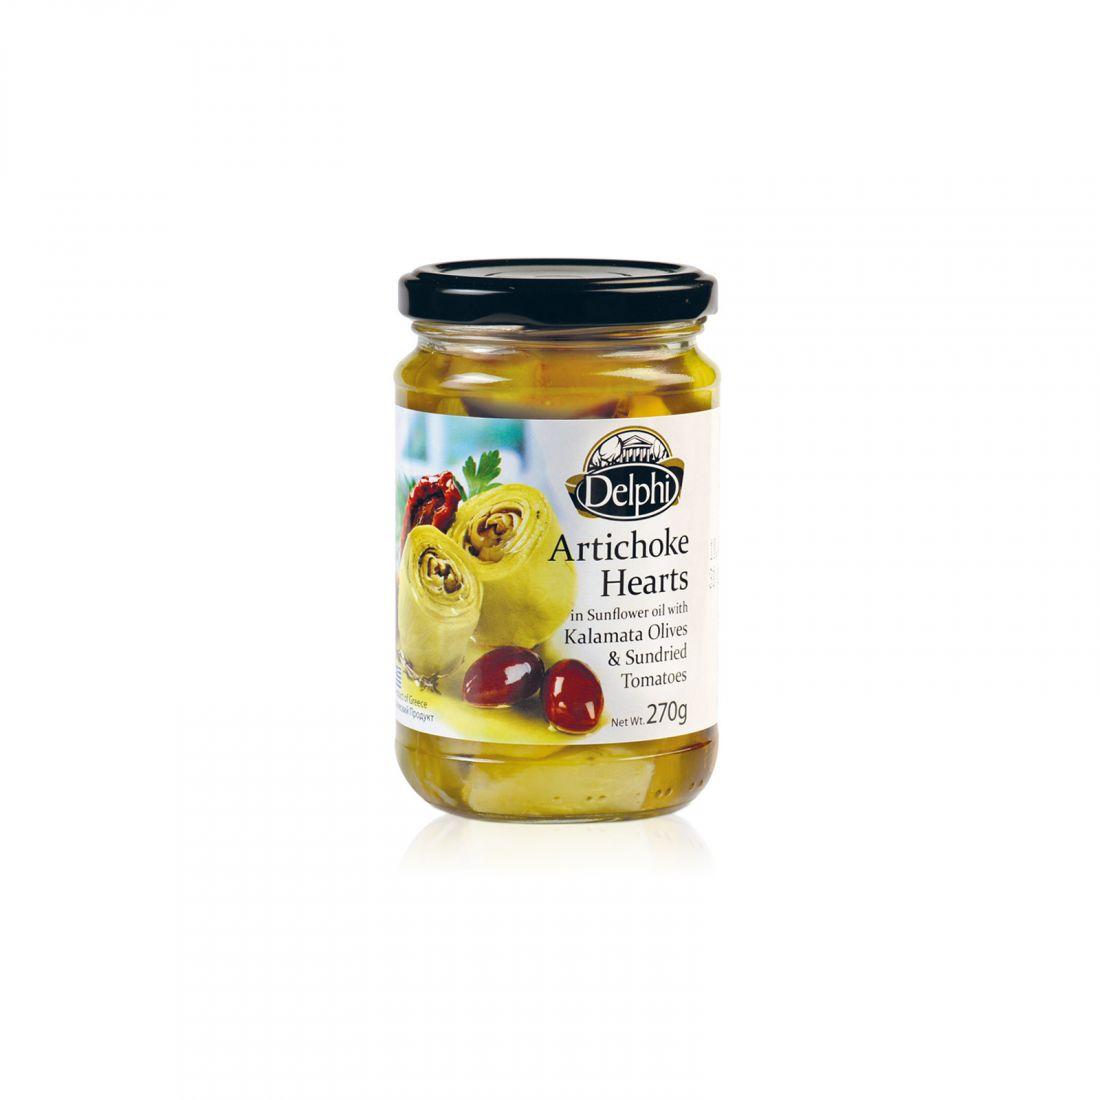 Артишоки в подсолнечном масле с сушеными томатами и маслинами Kalamata Delphi - 270 гр